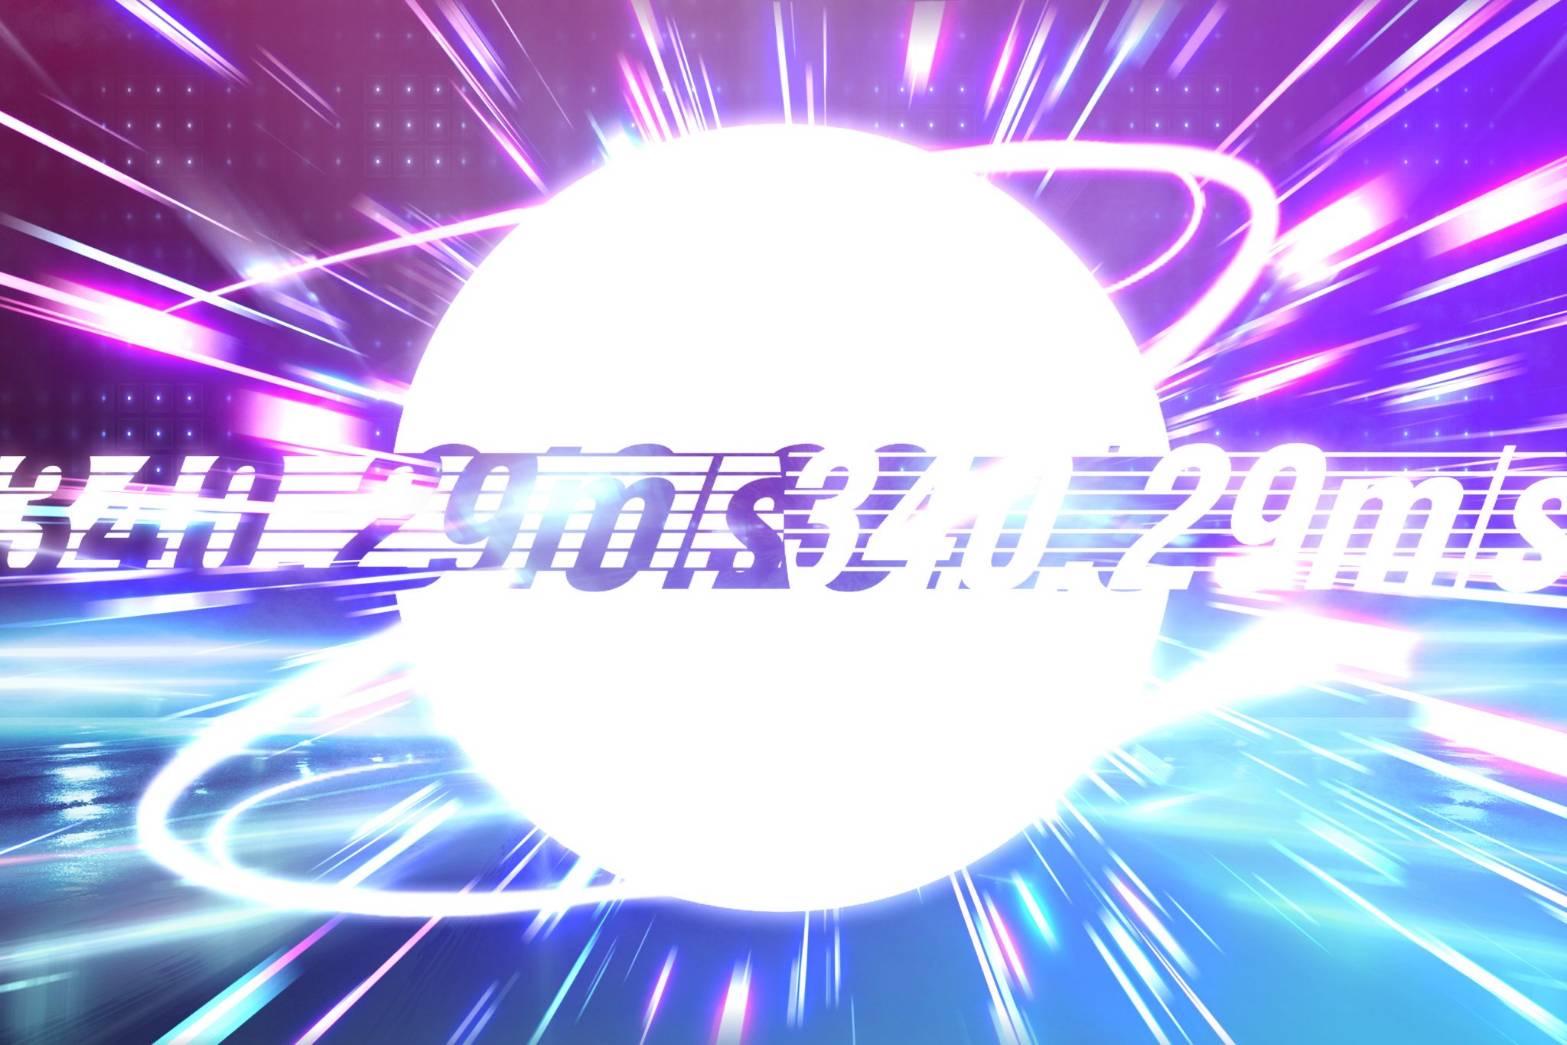 オーディション [関西]340.29m/s 新メンバーオーディション 音速で駆け上がるアイドルメンバー募集 主催:ドリームファクトリー有限会社、カテゴリ:アイドル(東京以外)